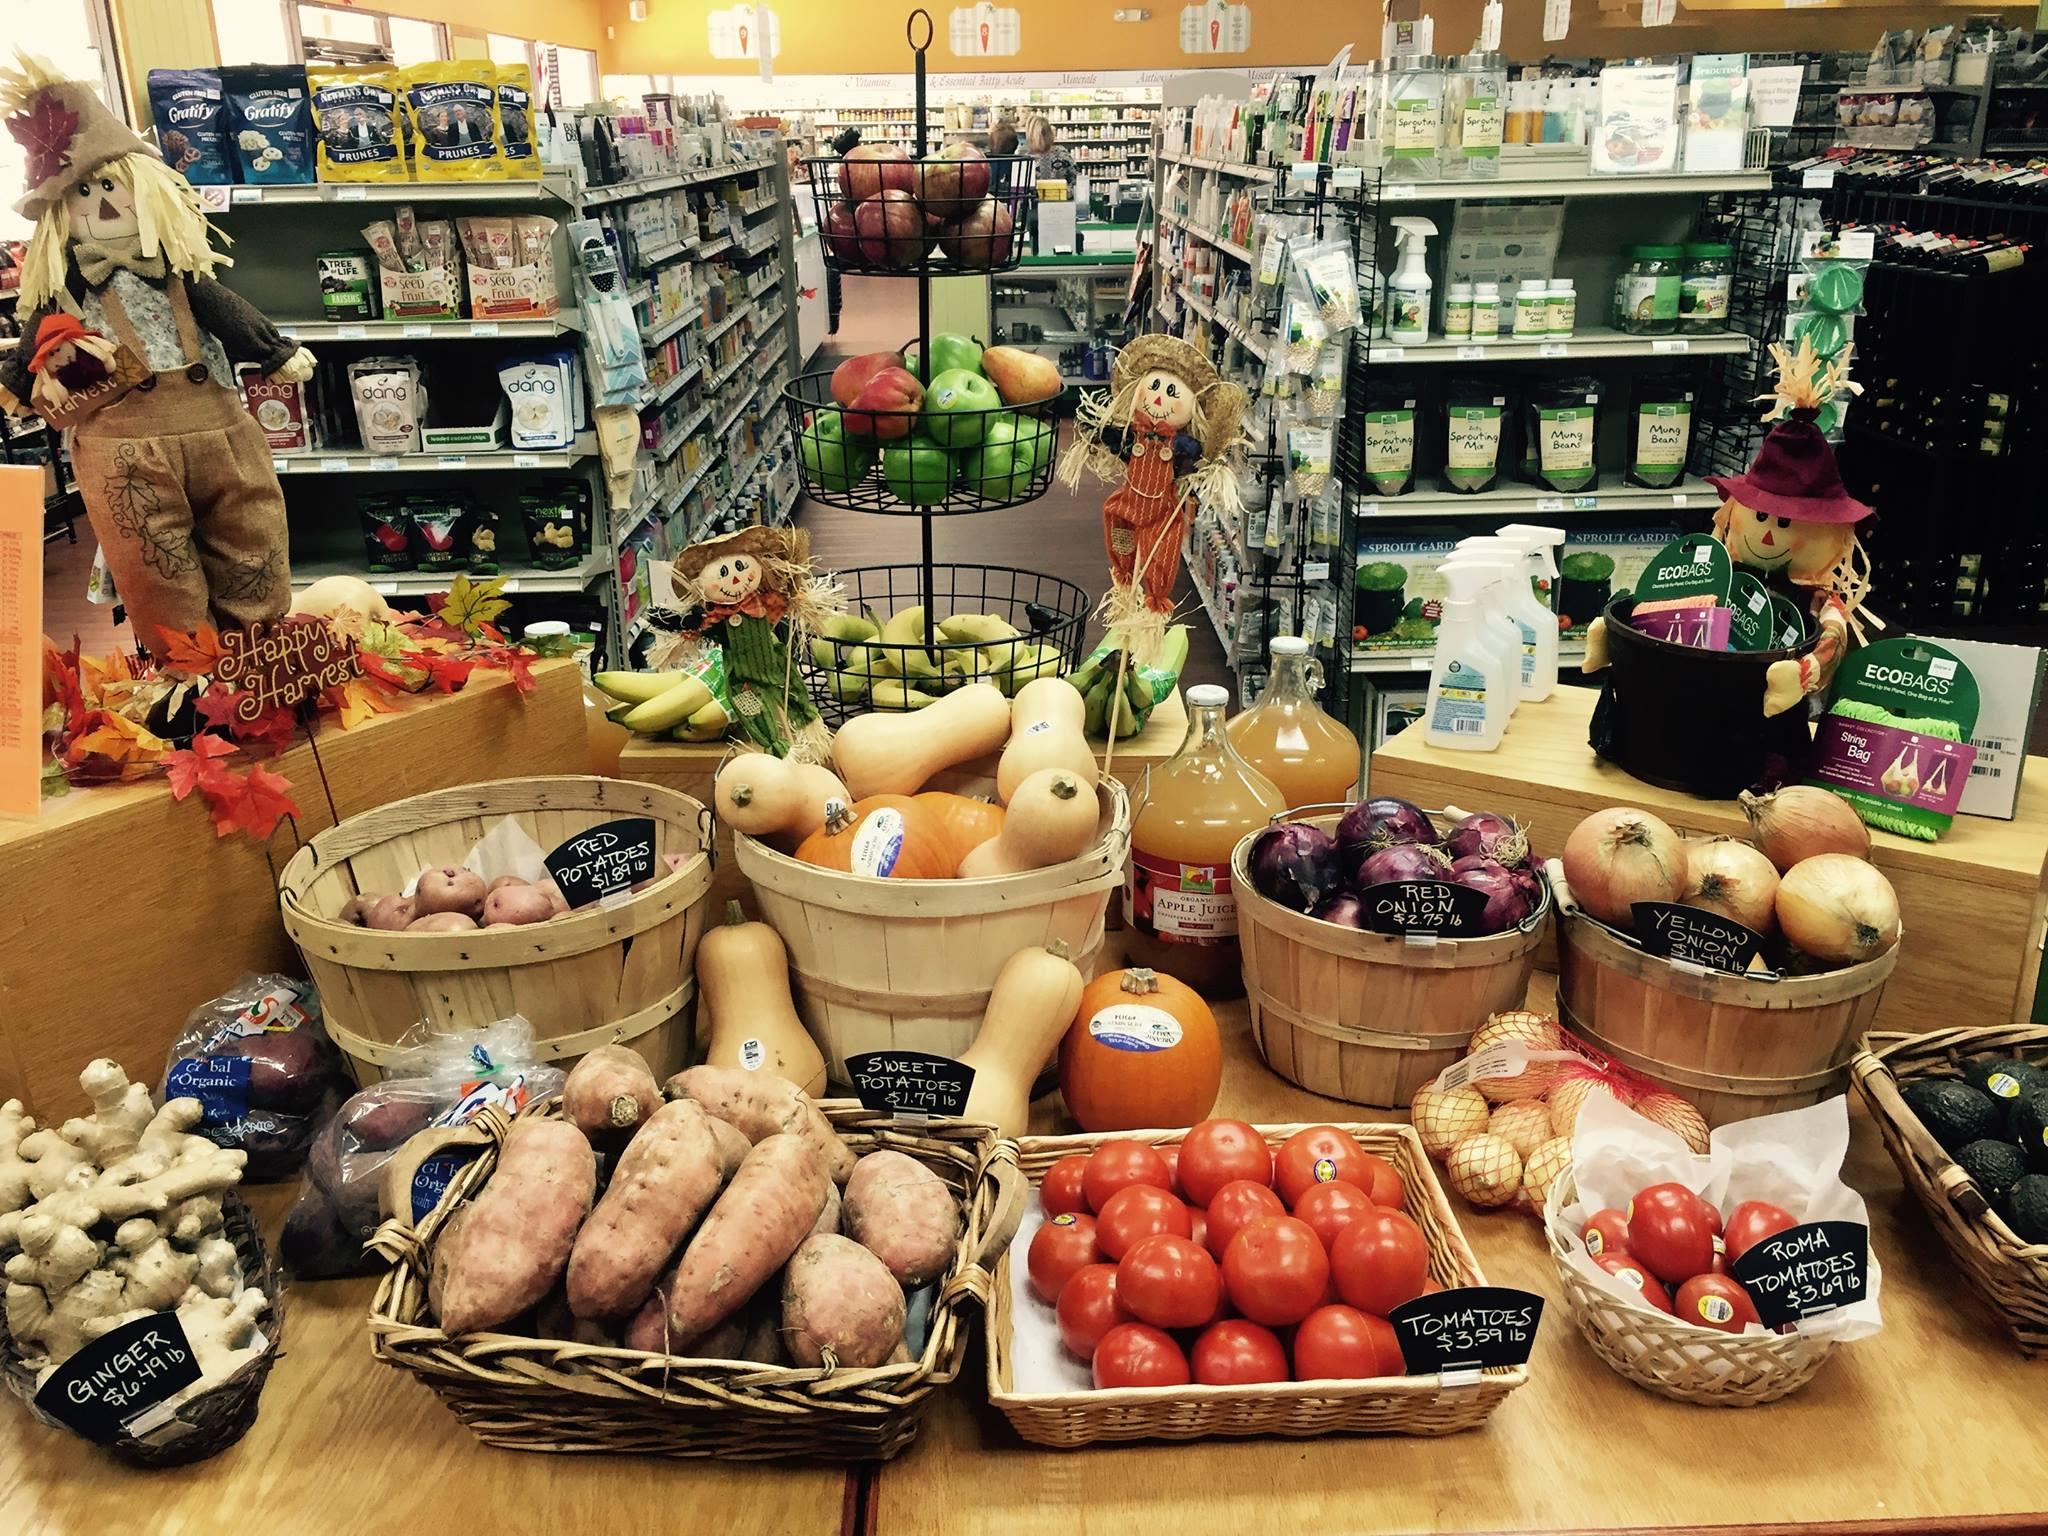 dianes natural market st augustine diet pill